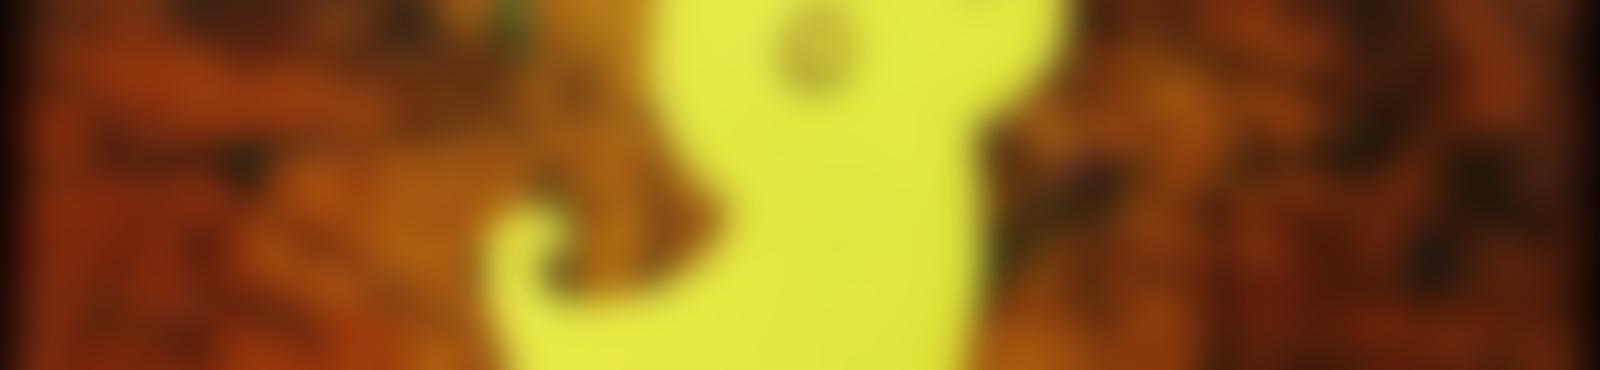 Blurred 5c7844df 2db0 4ddd 81bd fead3e168c2b